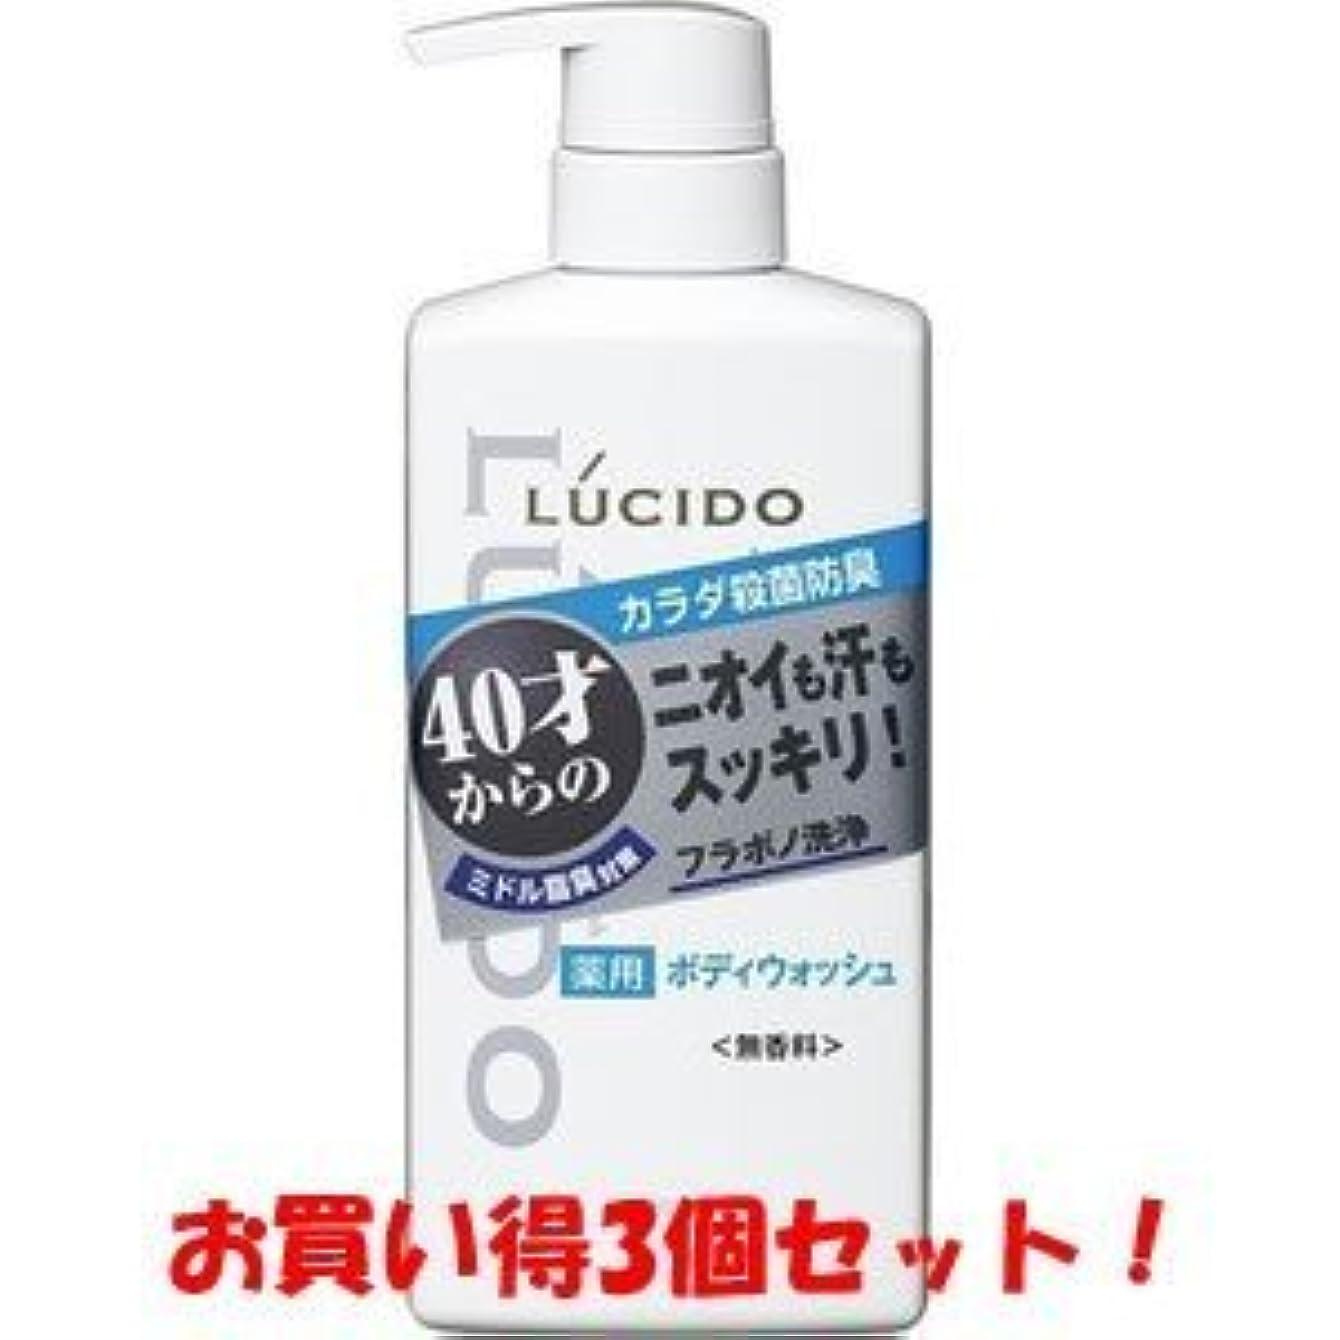 見かけ上連続的本質的ではない【LUCIDO】ルシード 薬用デオドラントボディウォッシュ 450ml(医薬部外品)(お買い得3個セット)